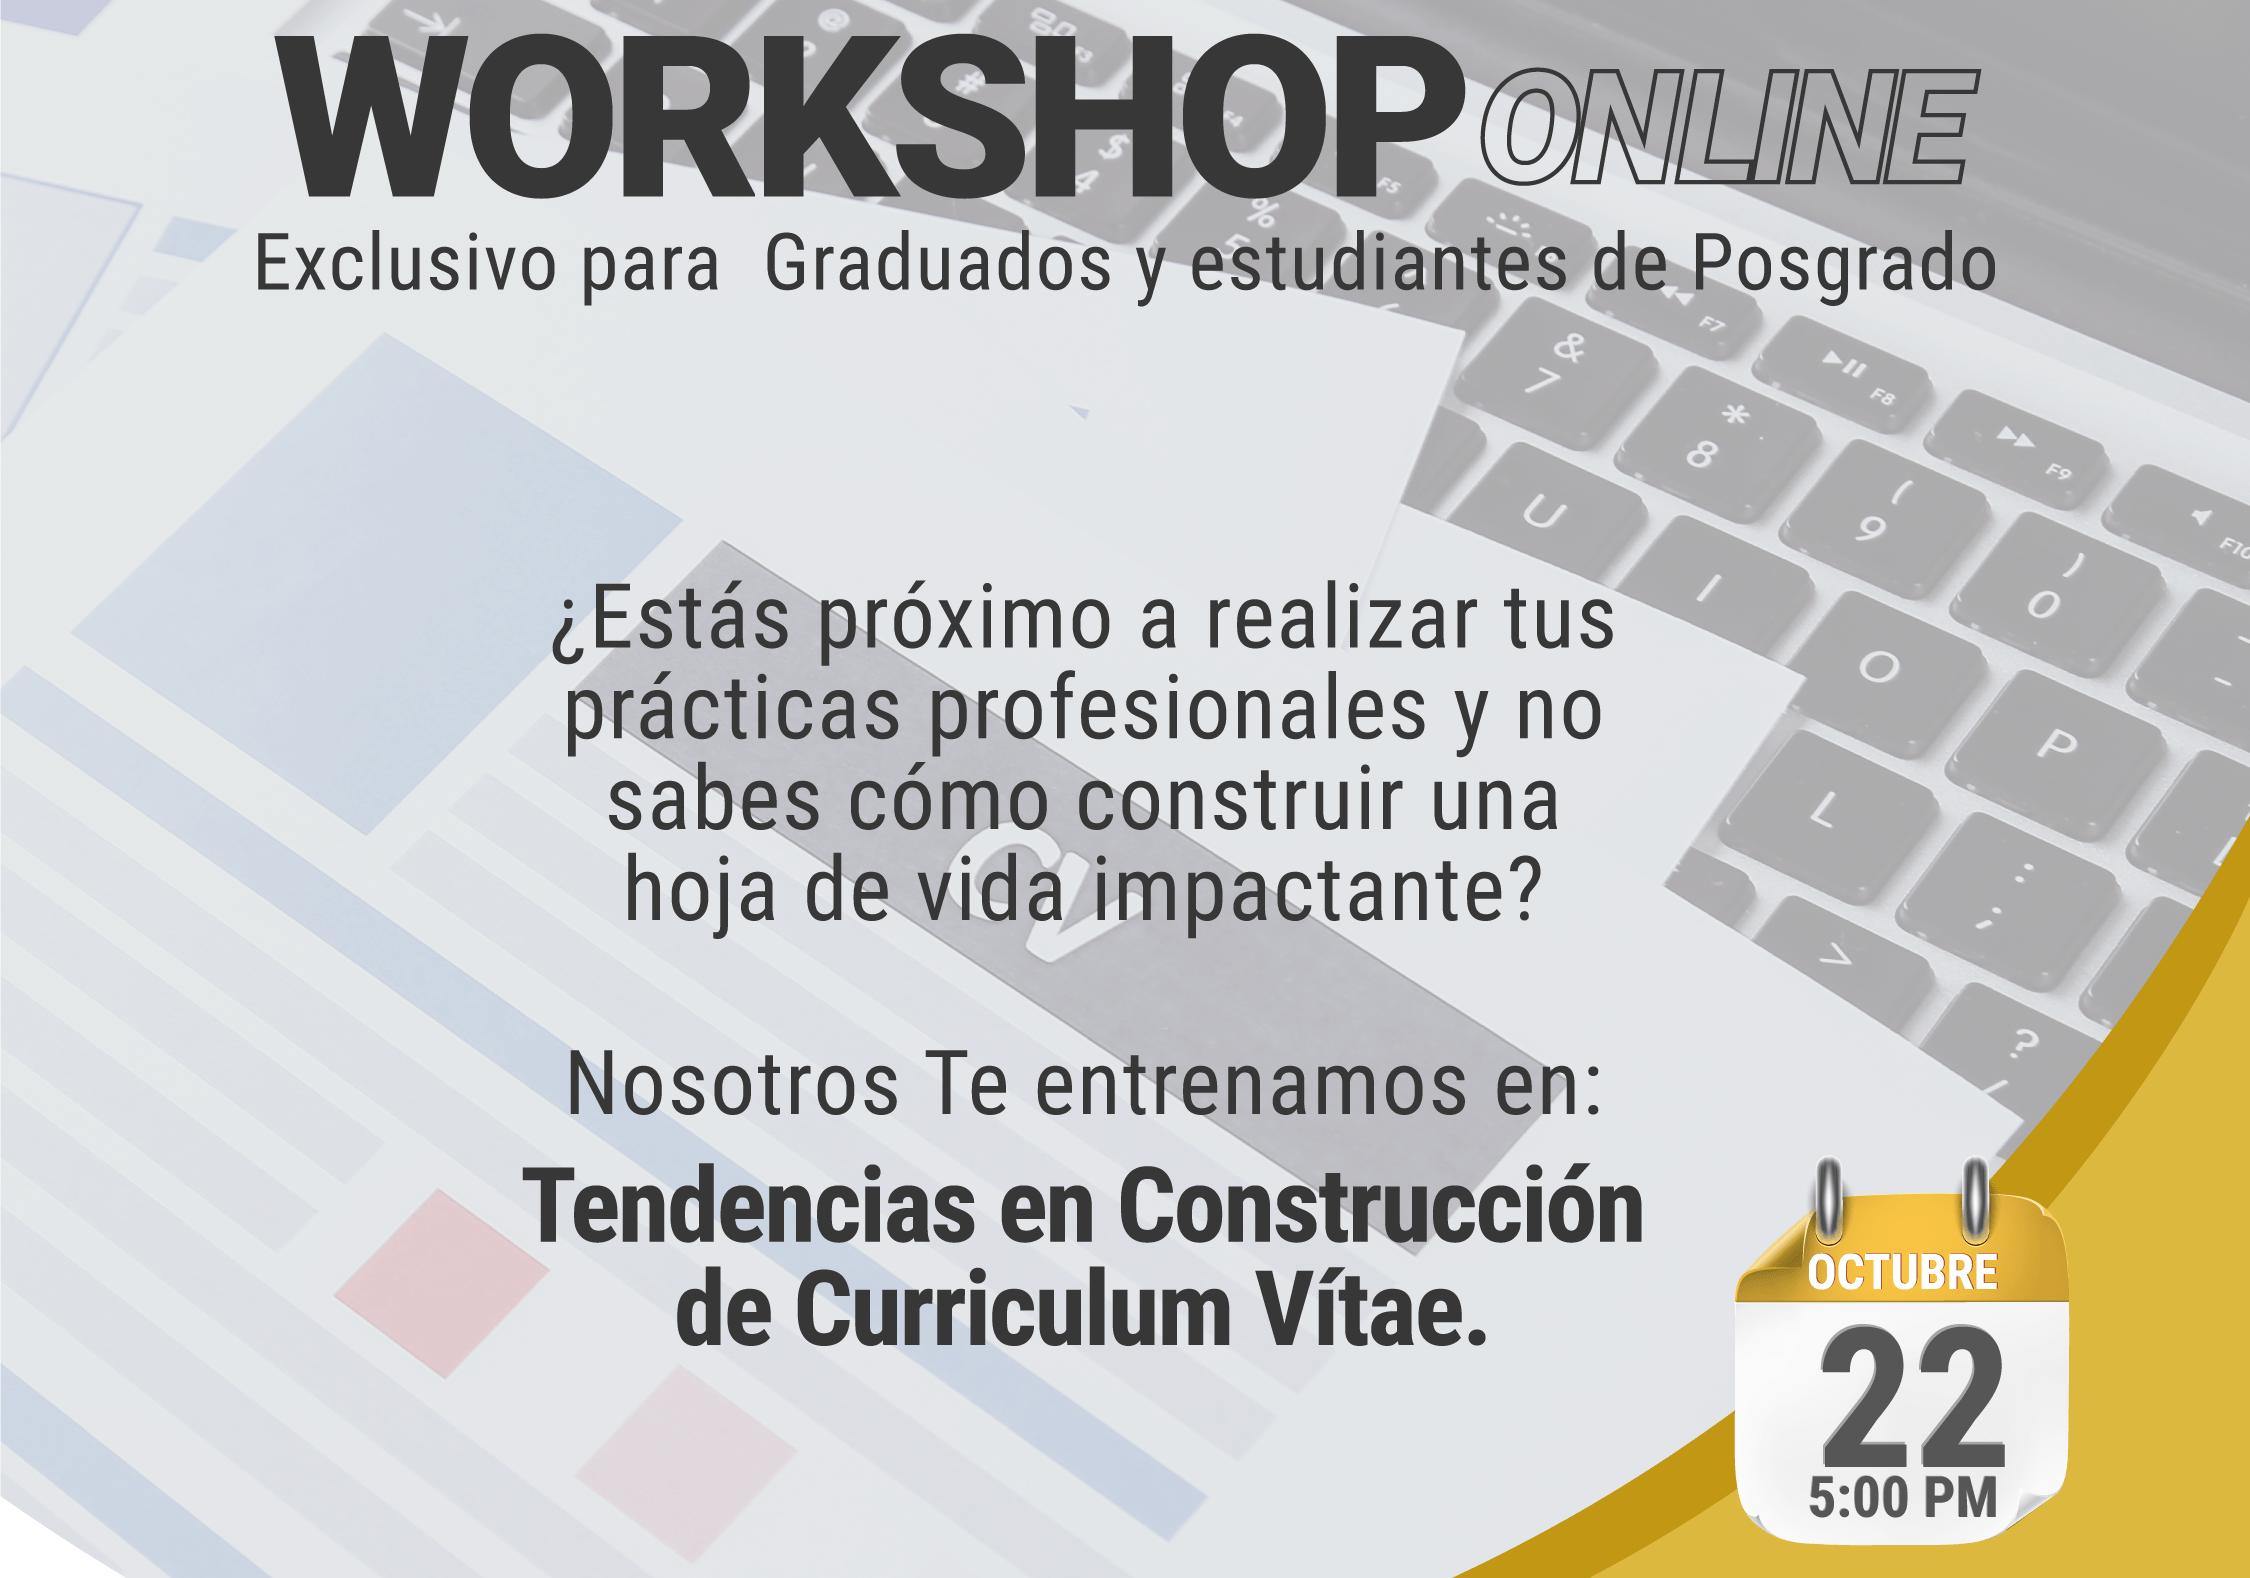 Workshop virtual: Tendencias en Construcción de Curriculum Vitae impactante